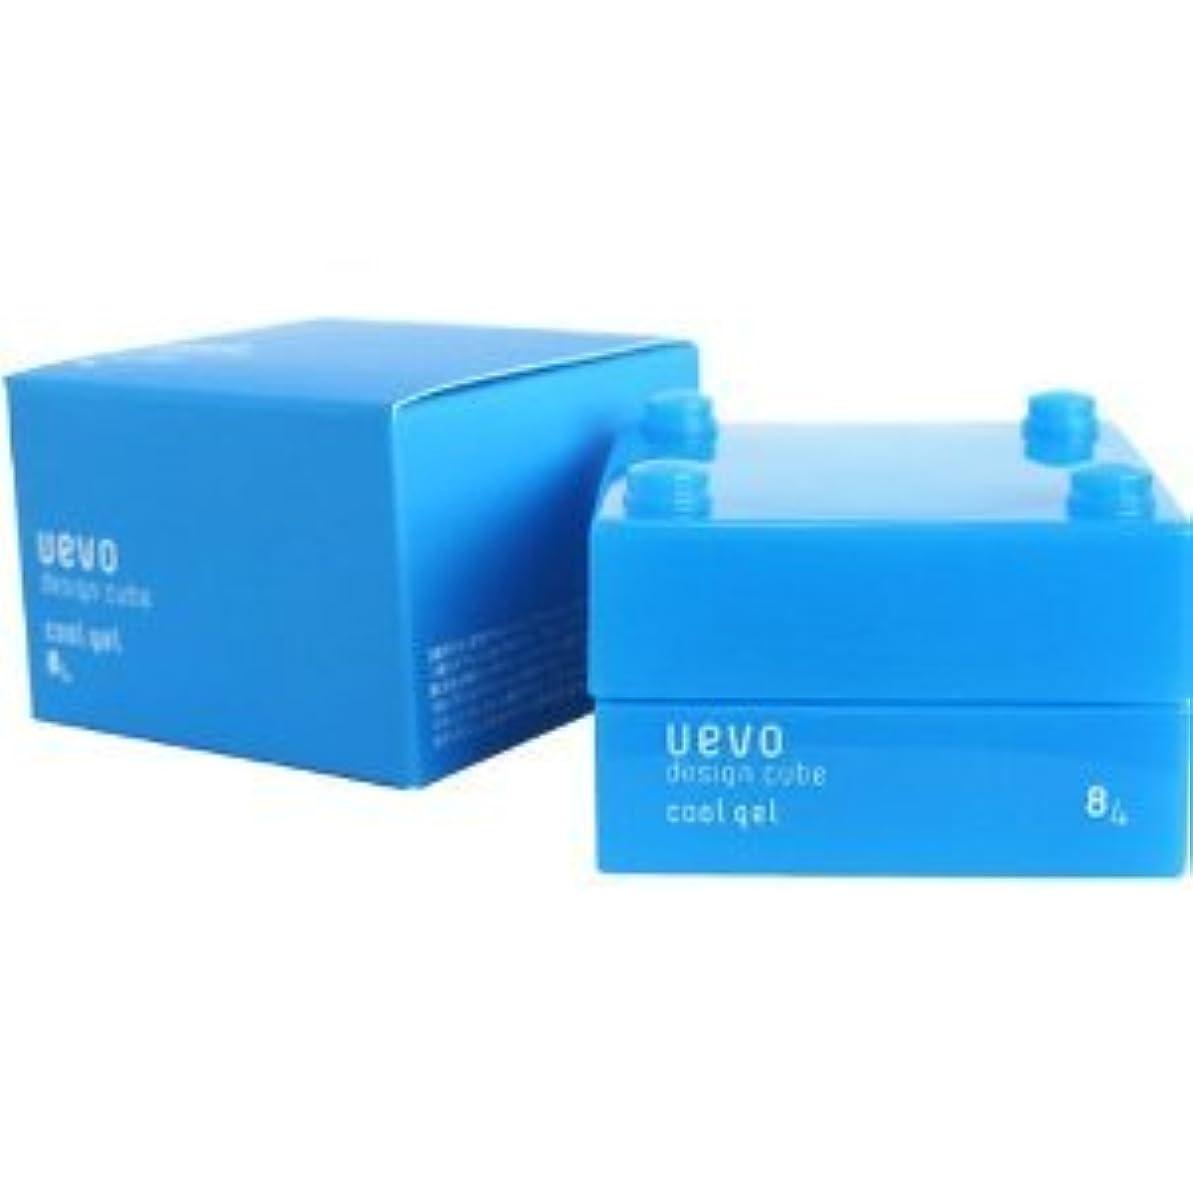 逆さまに価値仕出します【X2個セット】 デミ ウェーボ デザインキューブ クールジェル 30g cool gel DEMI uevo design cube